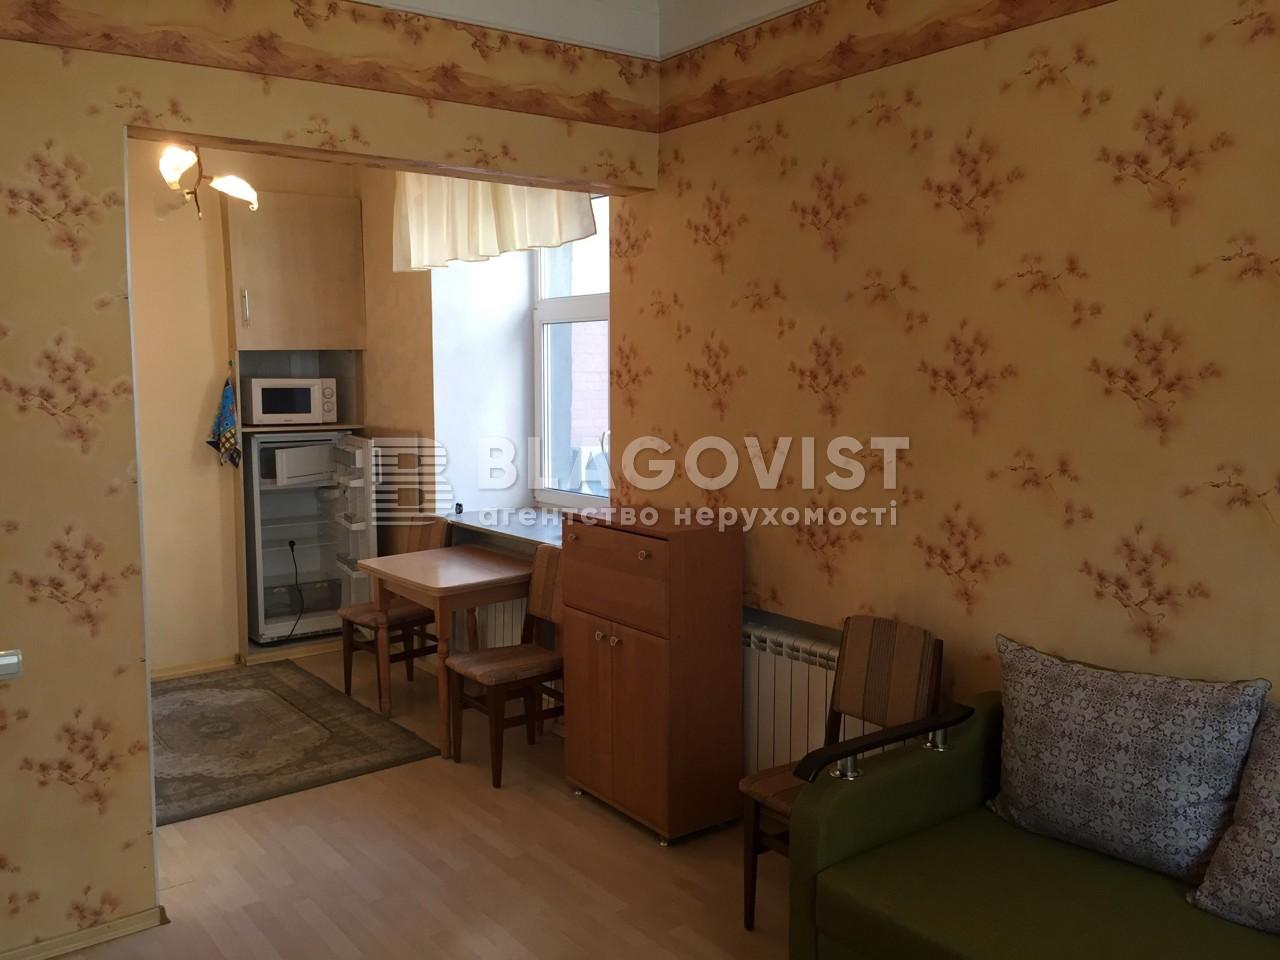 Квартира D-33890, Крещатик, 29, Киев - Фото 14